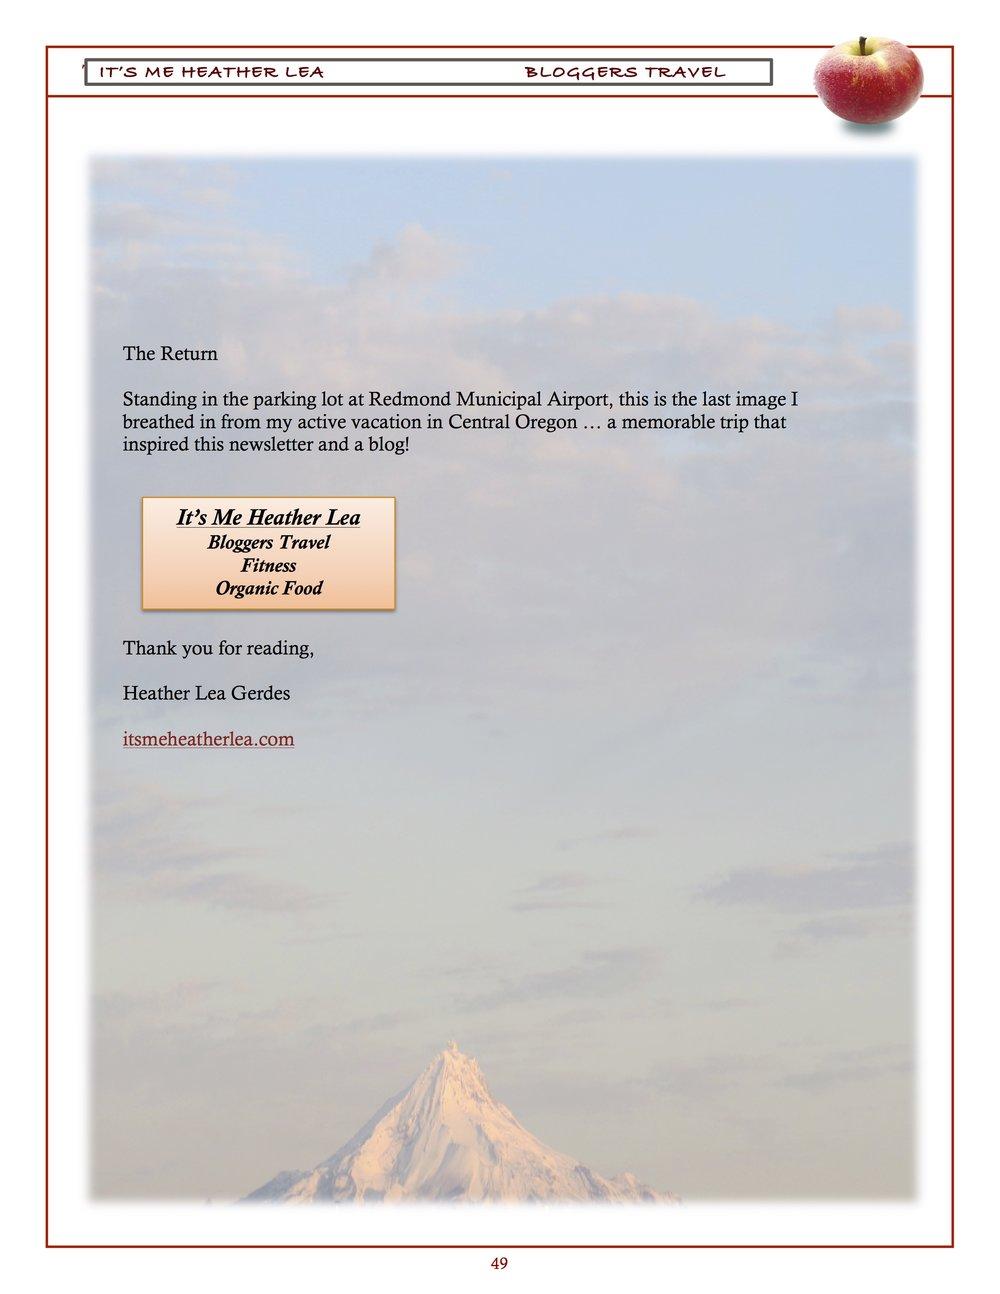 CO Trip Newsletter Revised 49.jpg